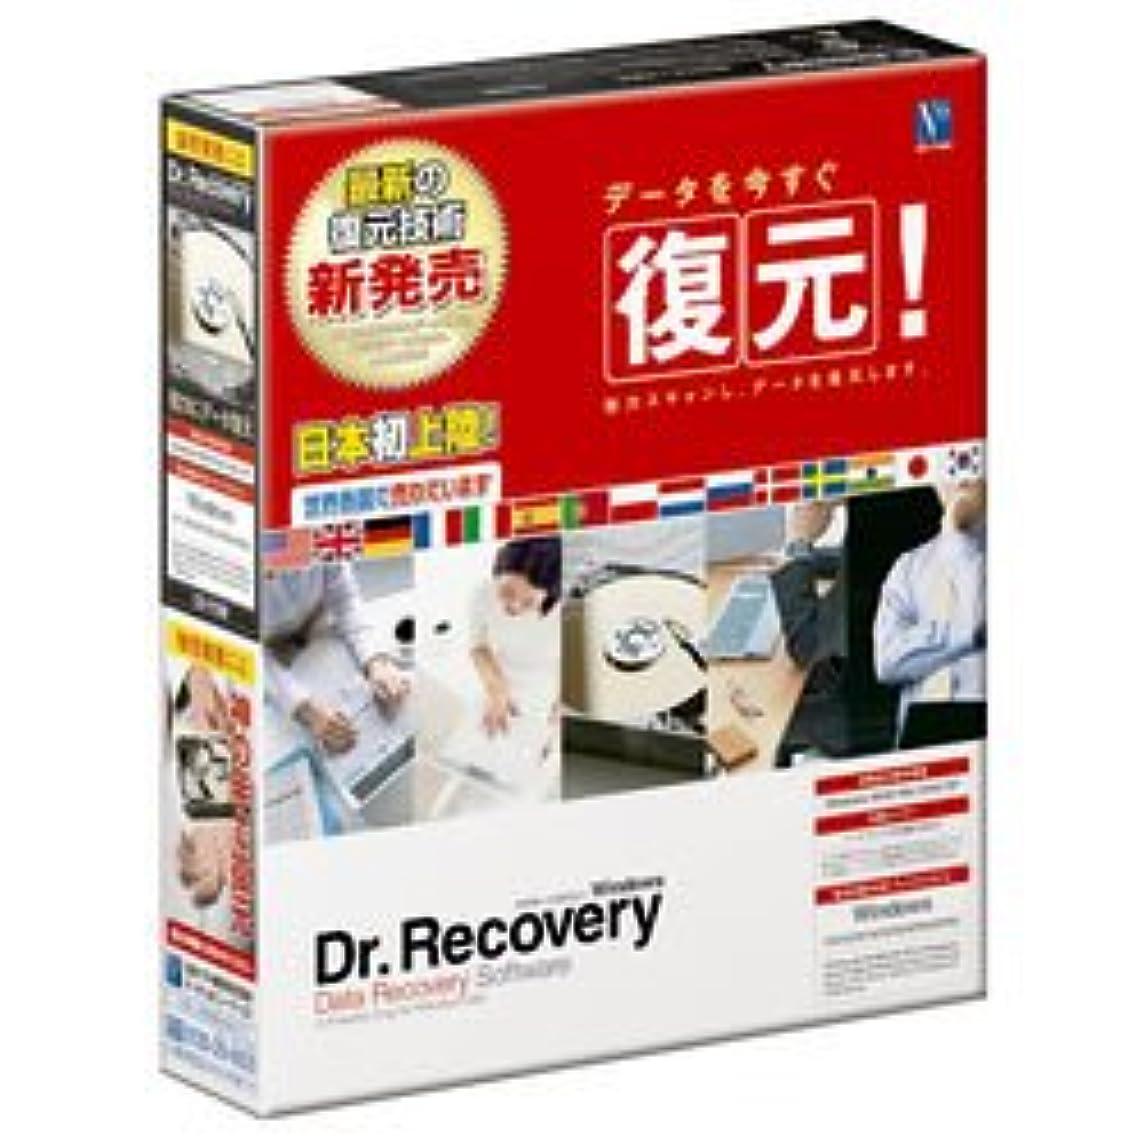 つかいます戸棚モバイルDr.Recovery Windows